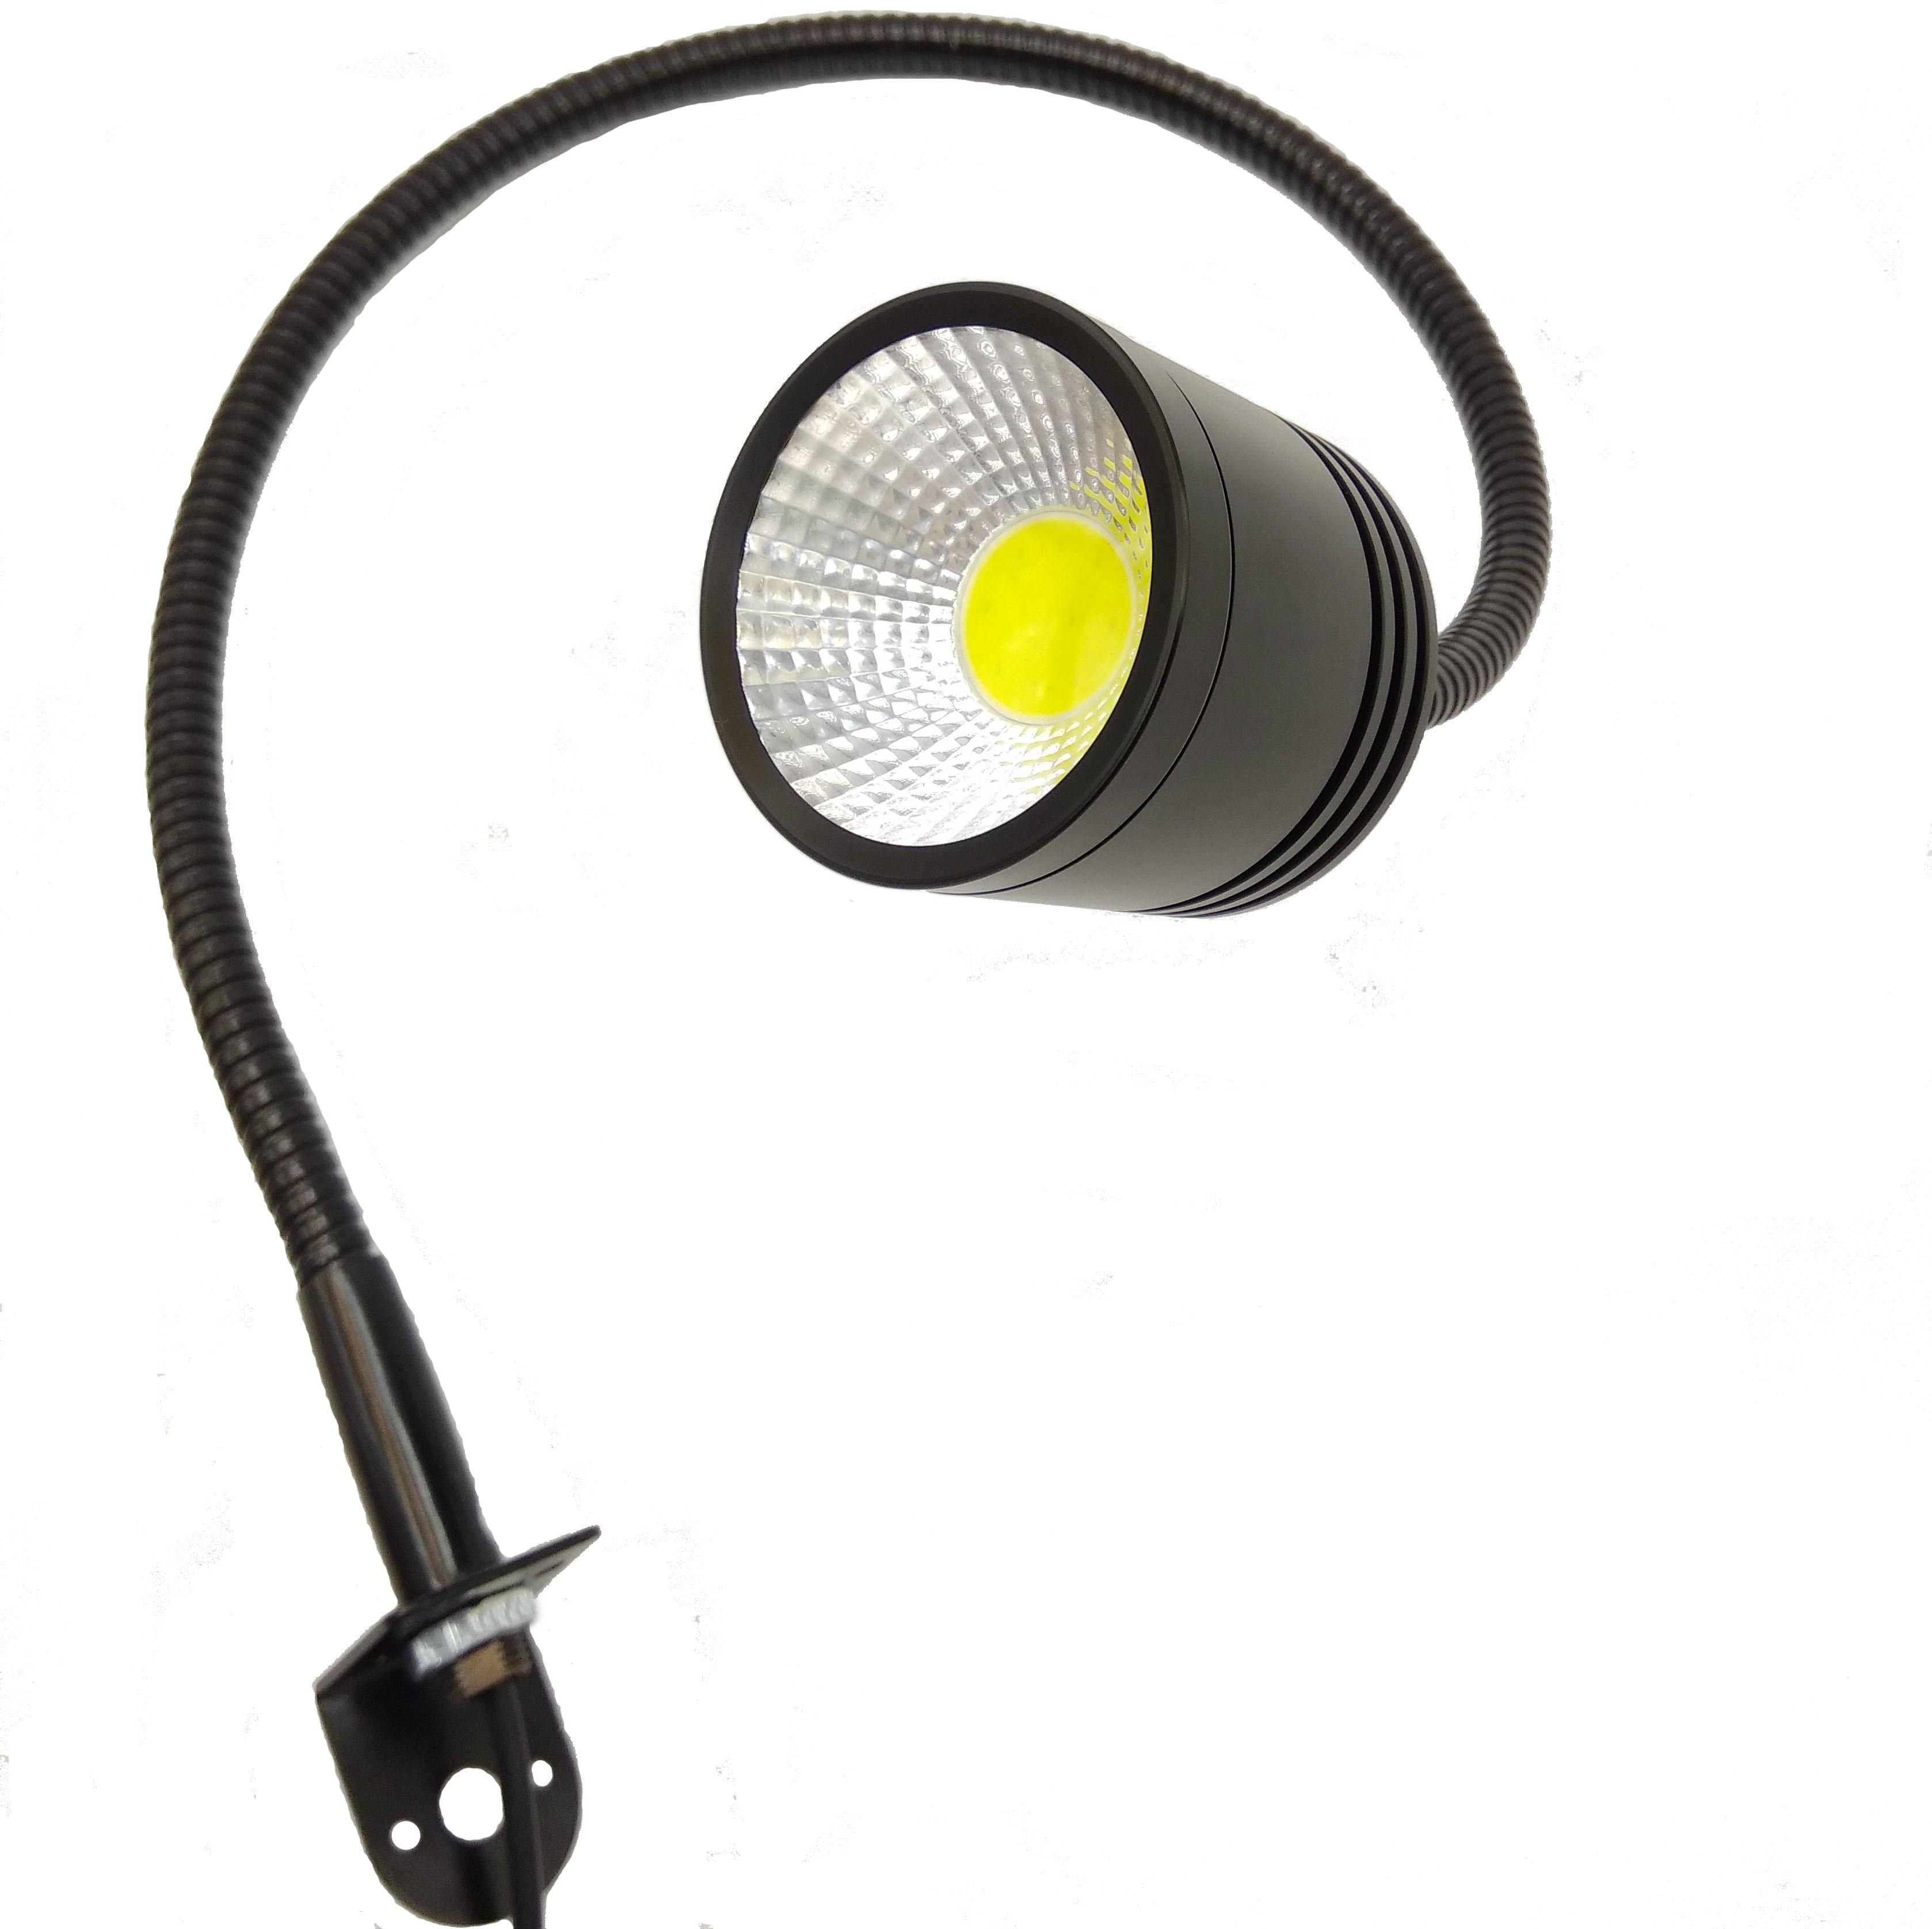 110V 220V 5W LED GOOSENECK WORK LIGHT